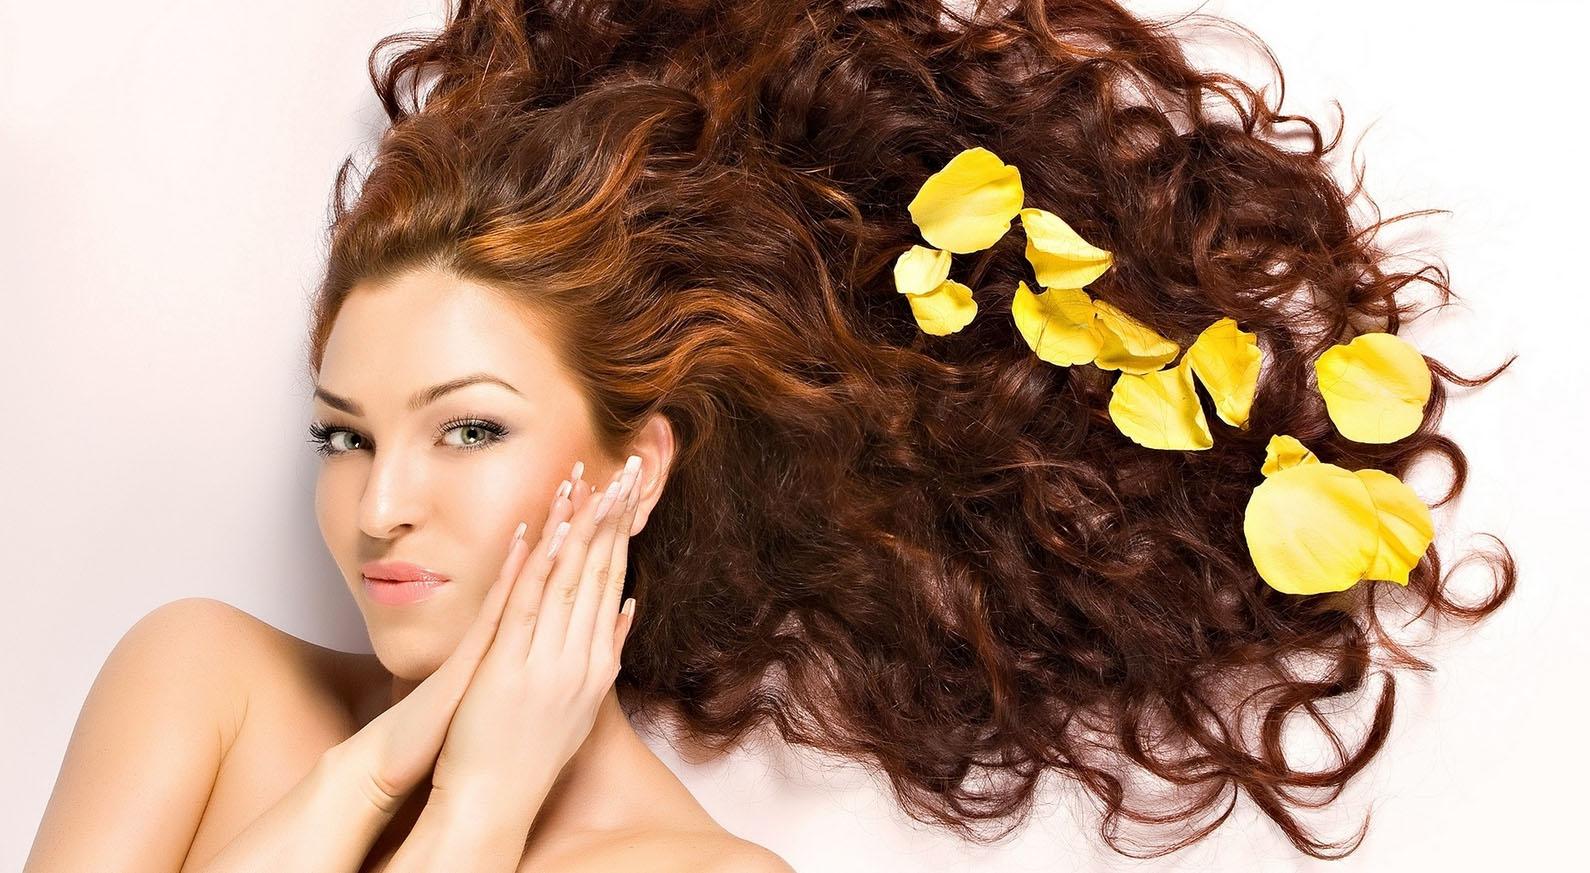 Советы по уходу за волосами в домашних условиях: 10 базовых правил